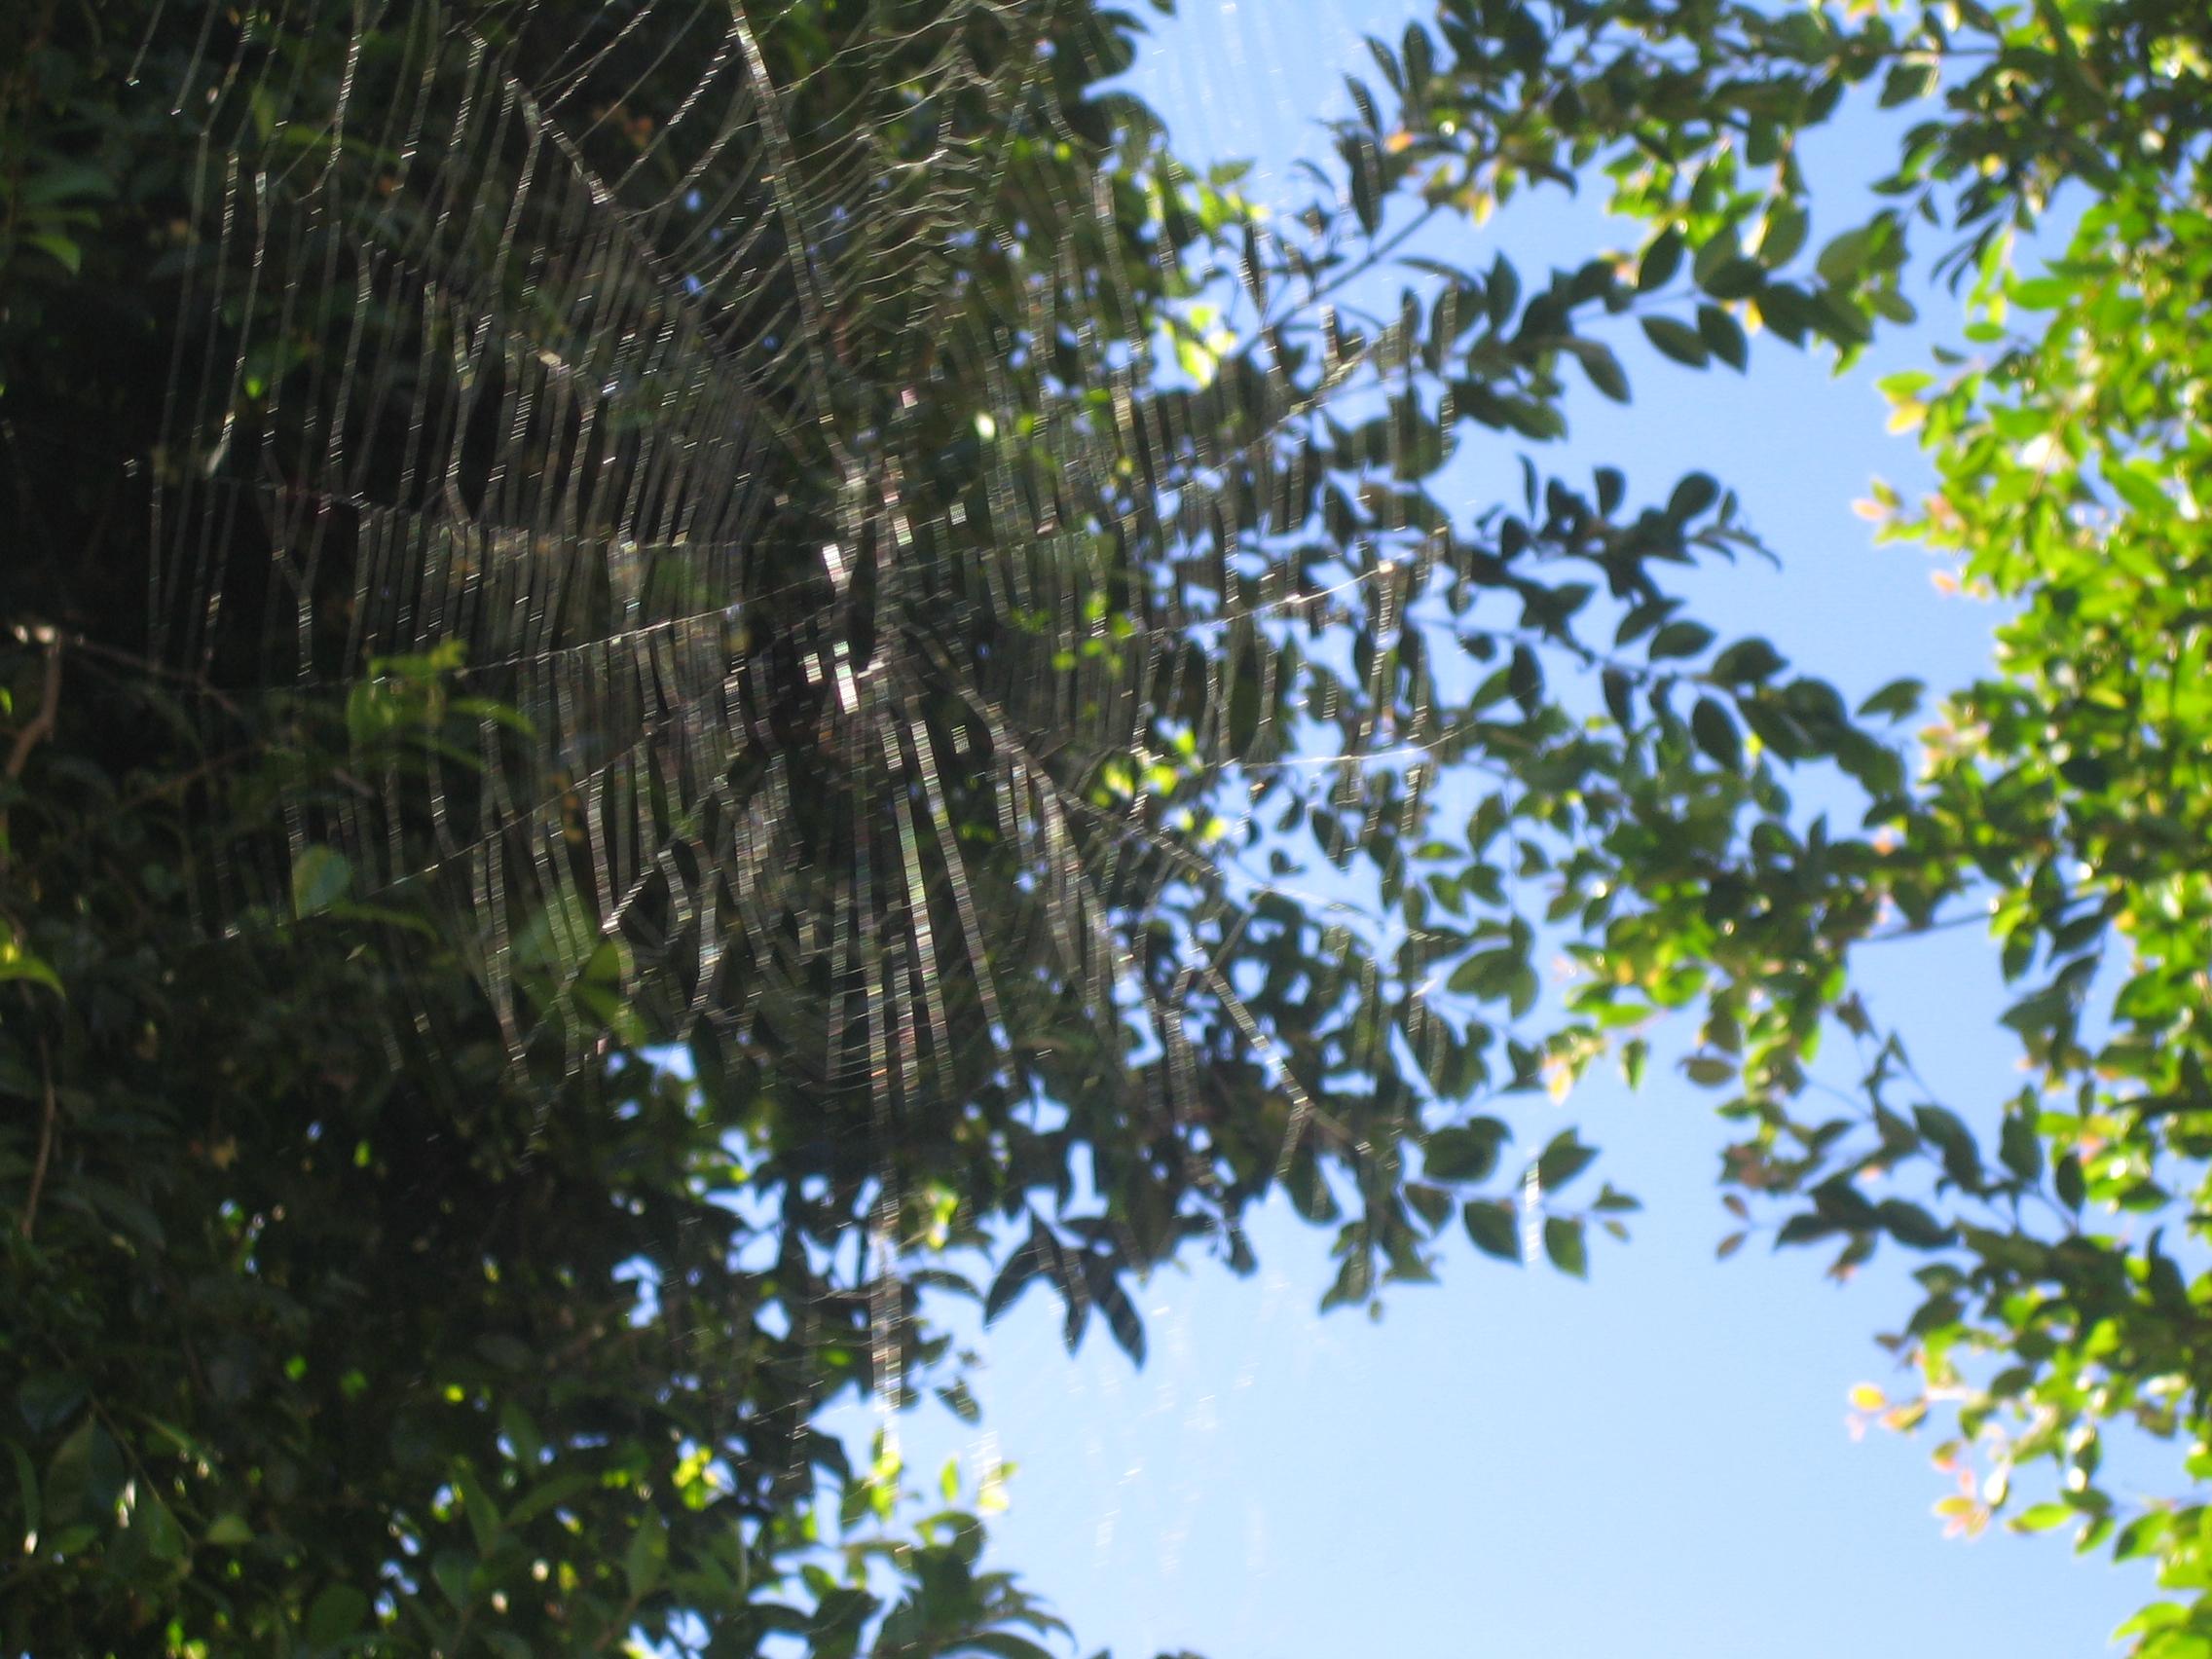 Web in the Sun